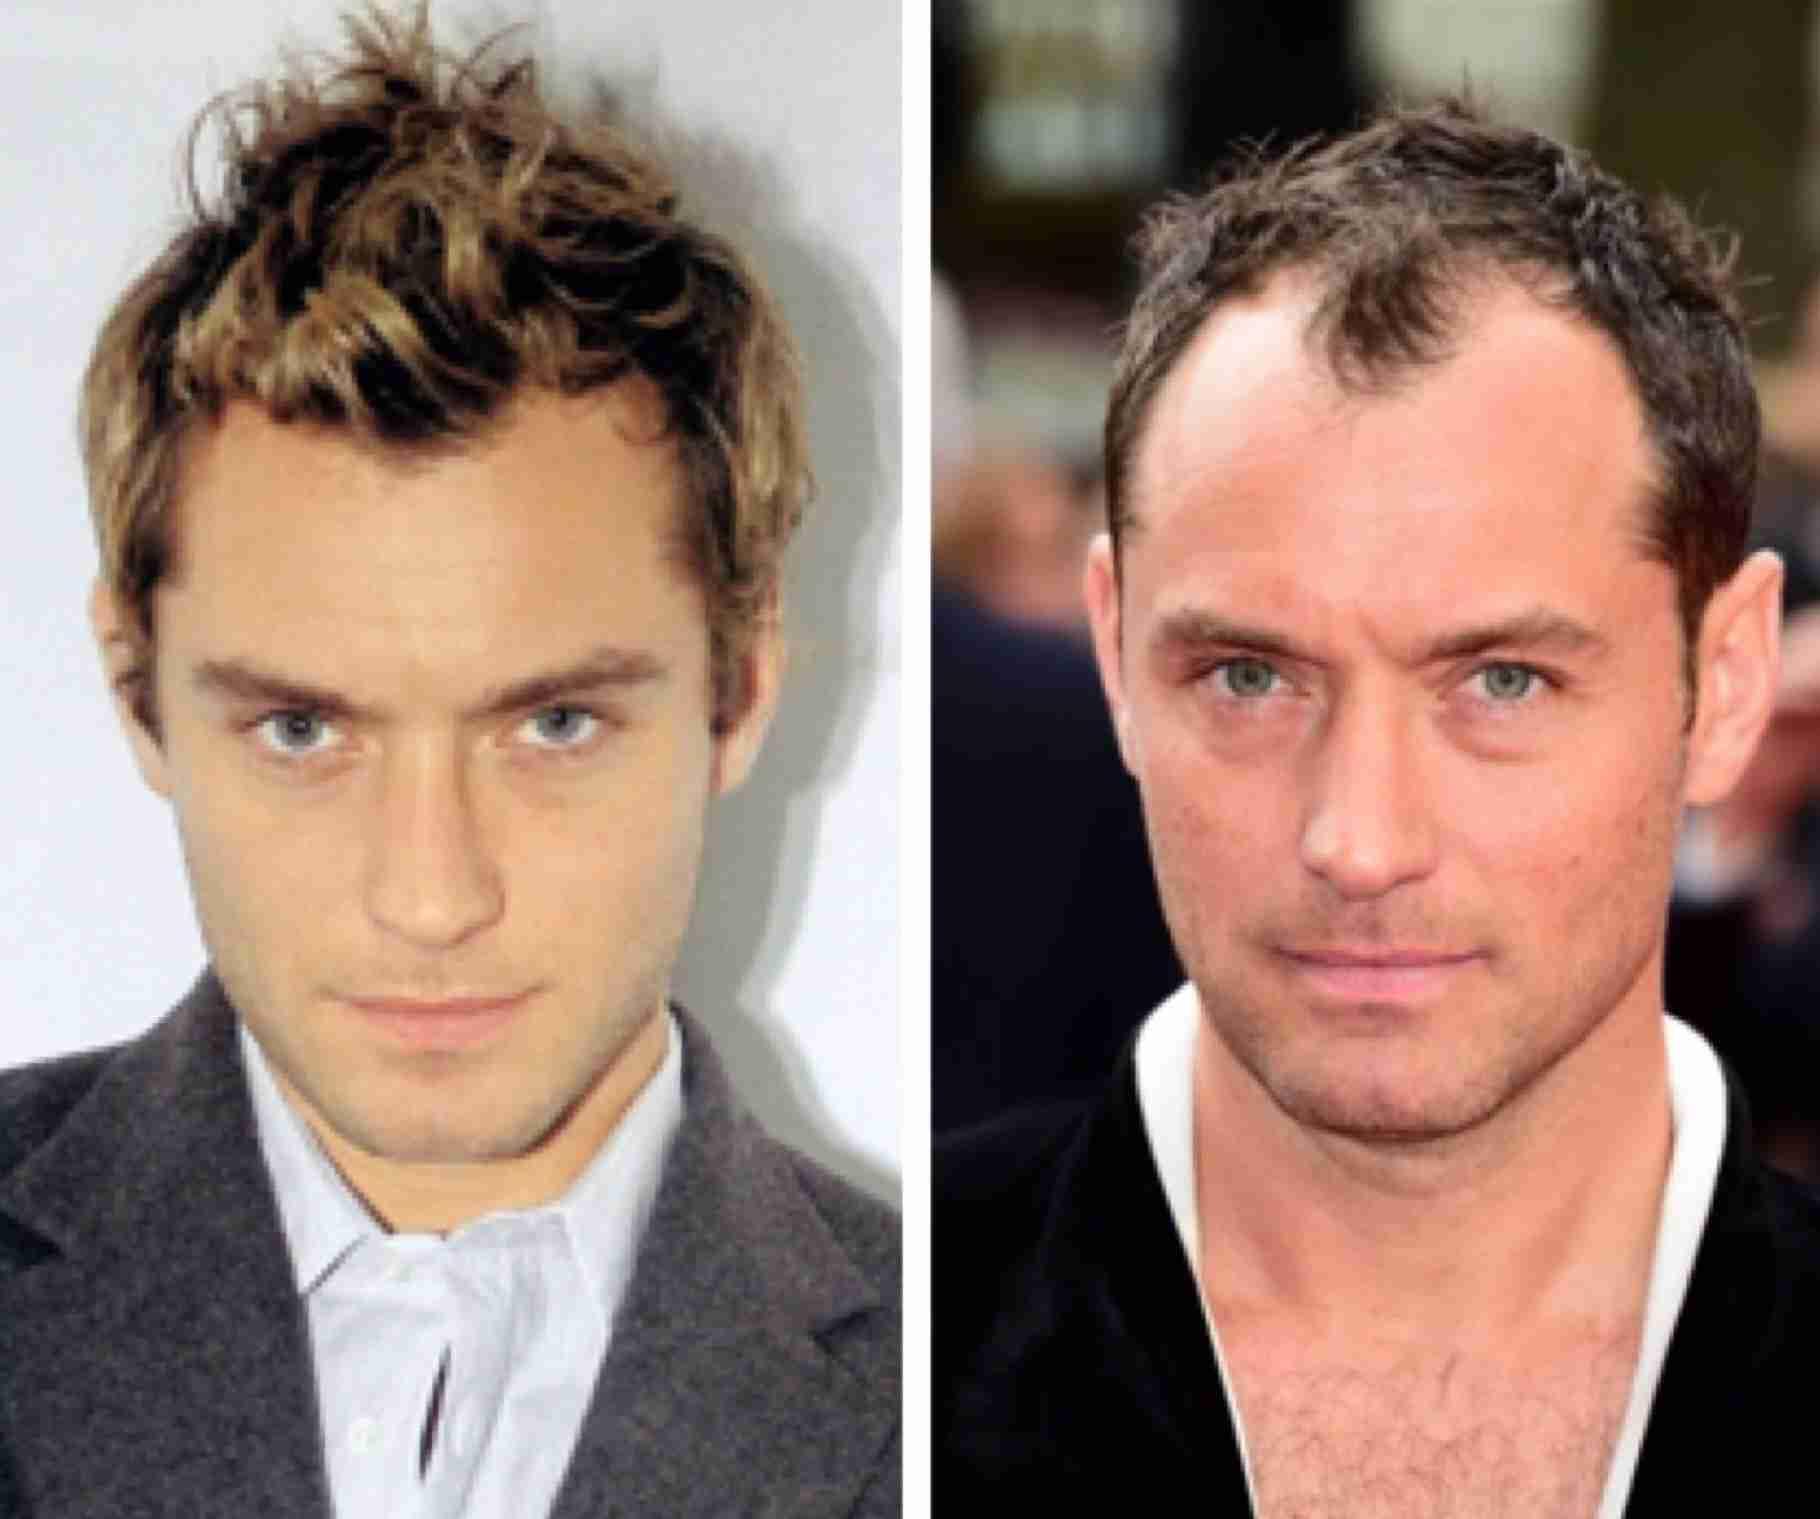 白髪やハゲ…美男子だったのに急激におっさん化した有名人4選!